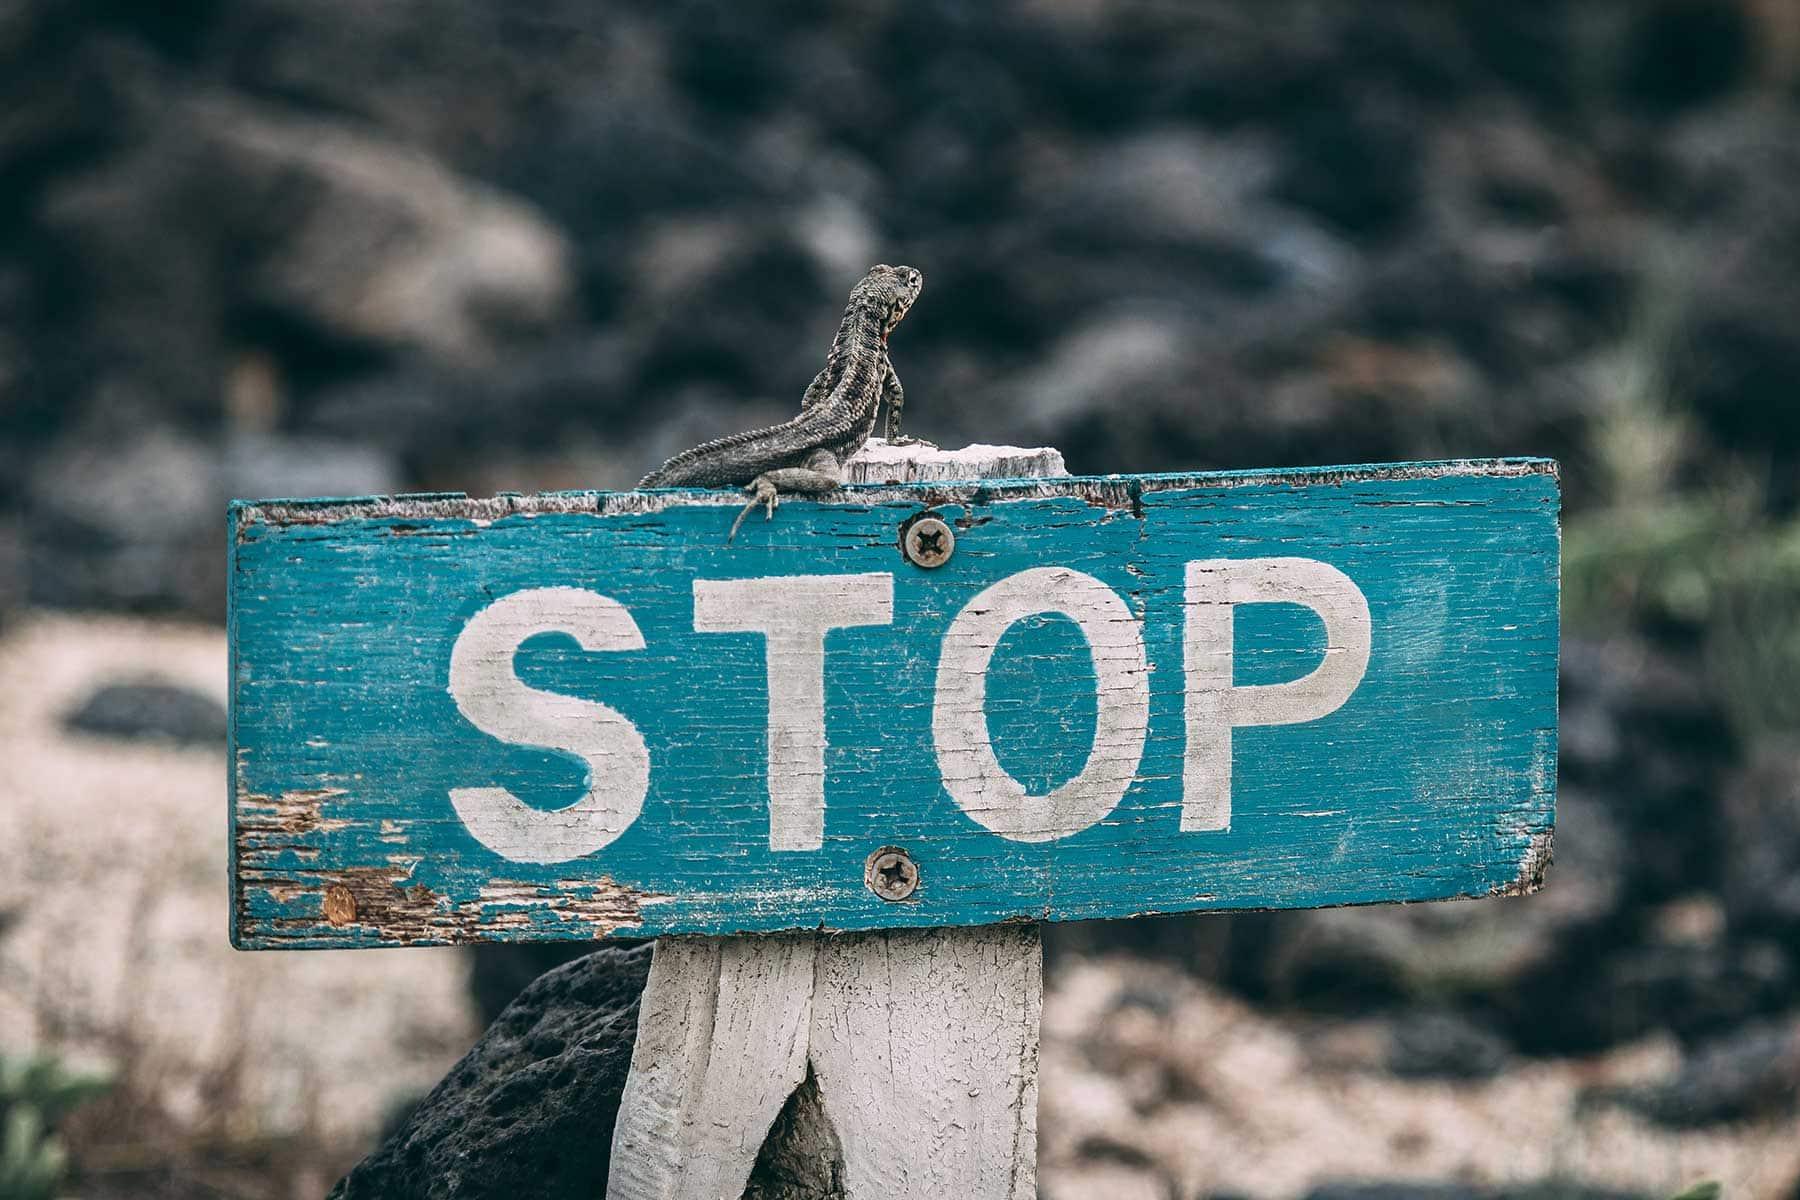 Resor-till-Galapagos-med-Nygren-&-Lind-Resebyrå---stop-skilt-med-ödla